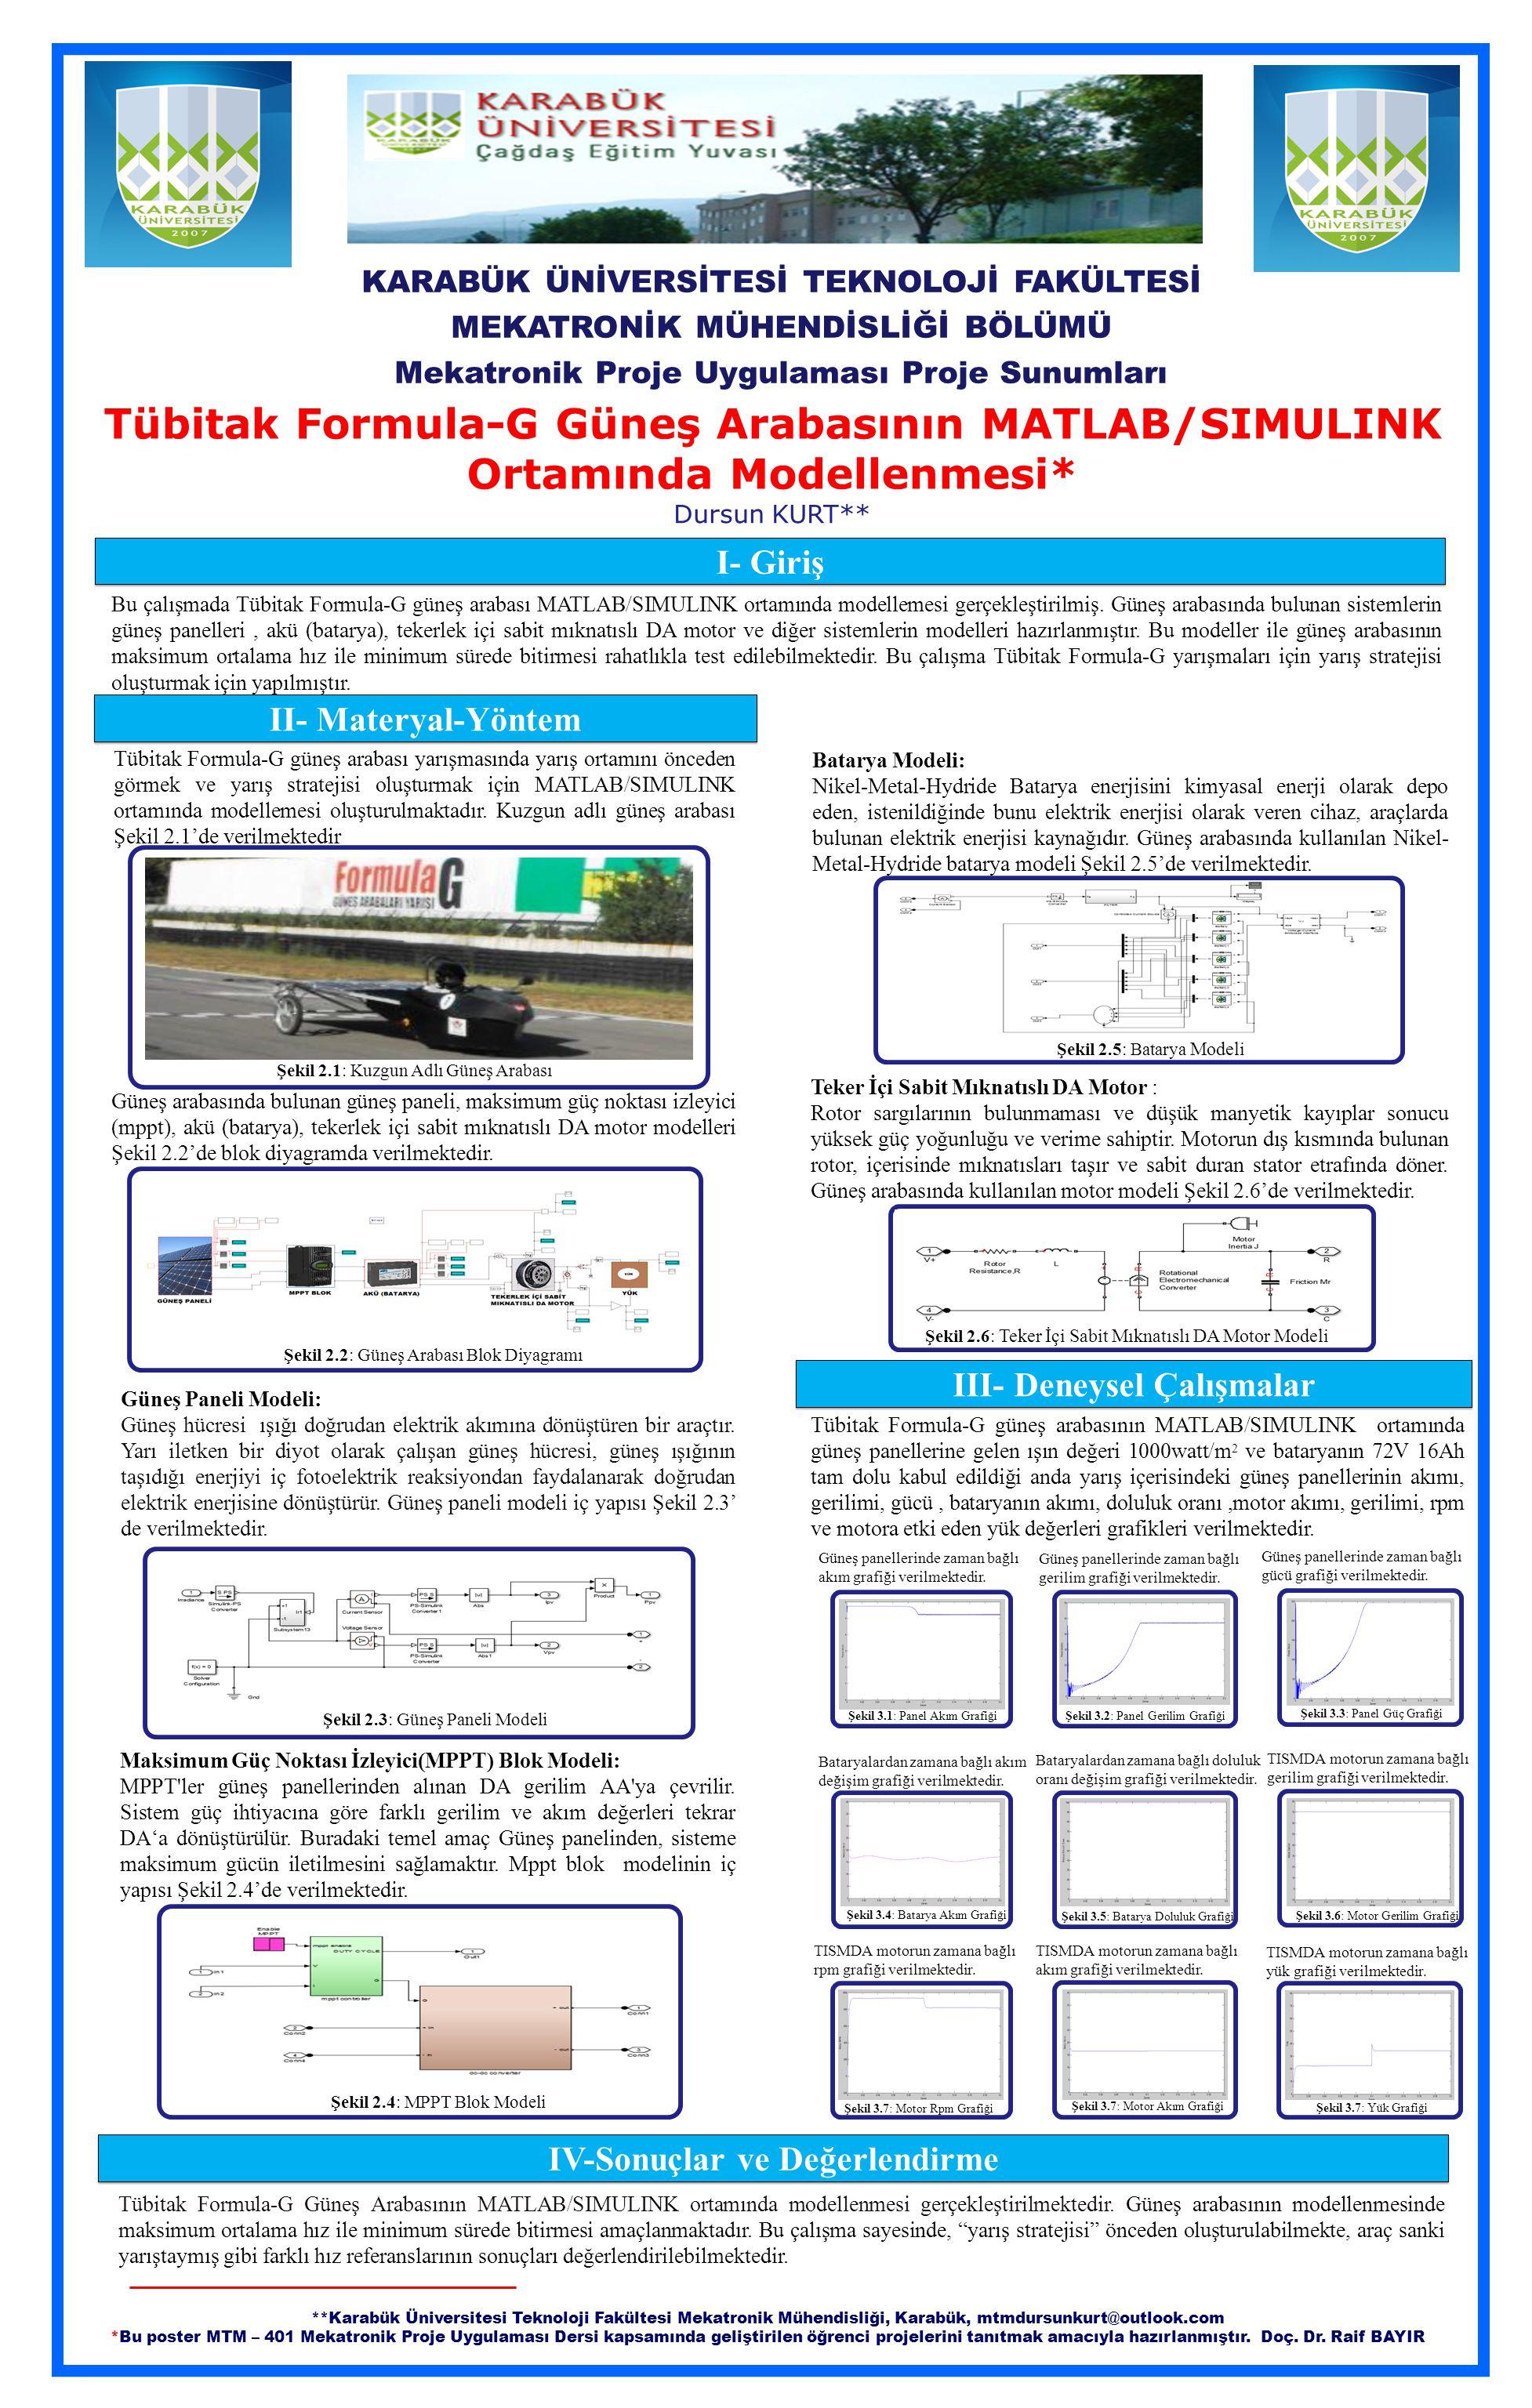 Tübitak Formula-G Güneş Arabasının MATLAB/SIMULINK Ortamında Modellenmesi* Dursun KURT** I- Giriş Bu çalışmada Tübitak Formula-G güneş arabası MATLAB/SIMULINK ortamında modellemesi gerçekleştirilmiş.